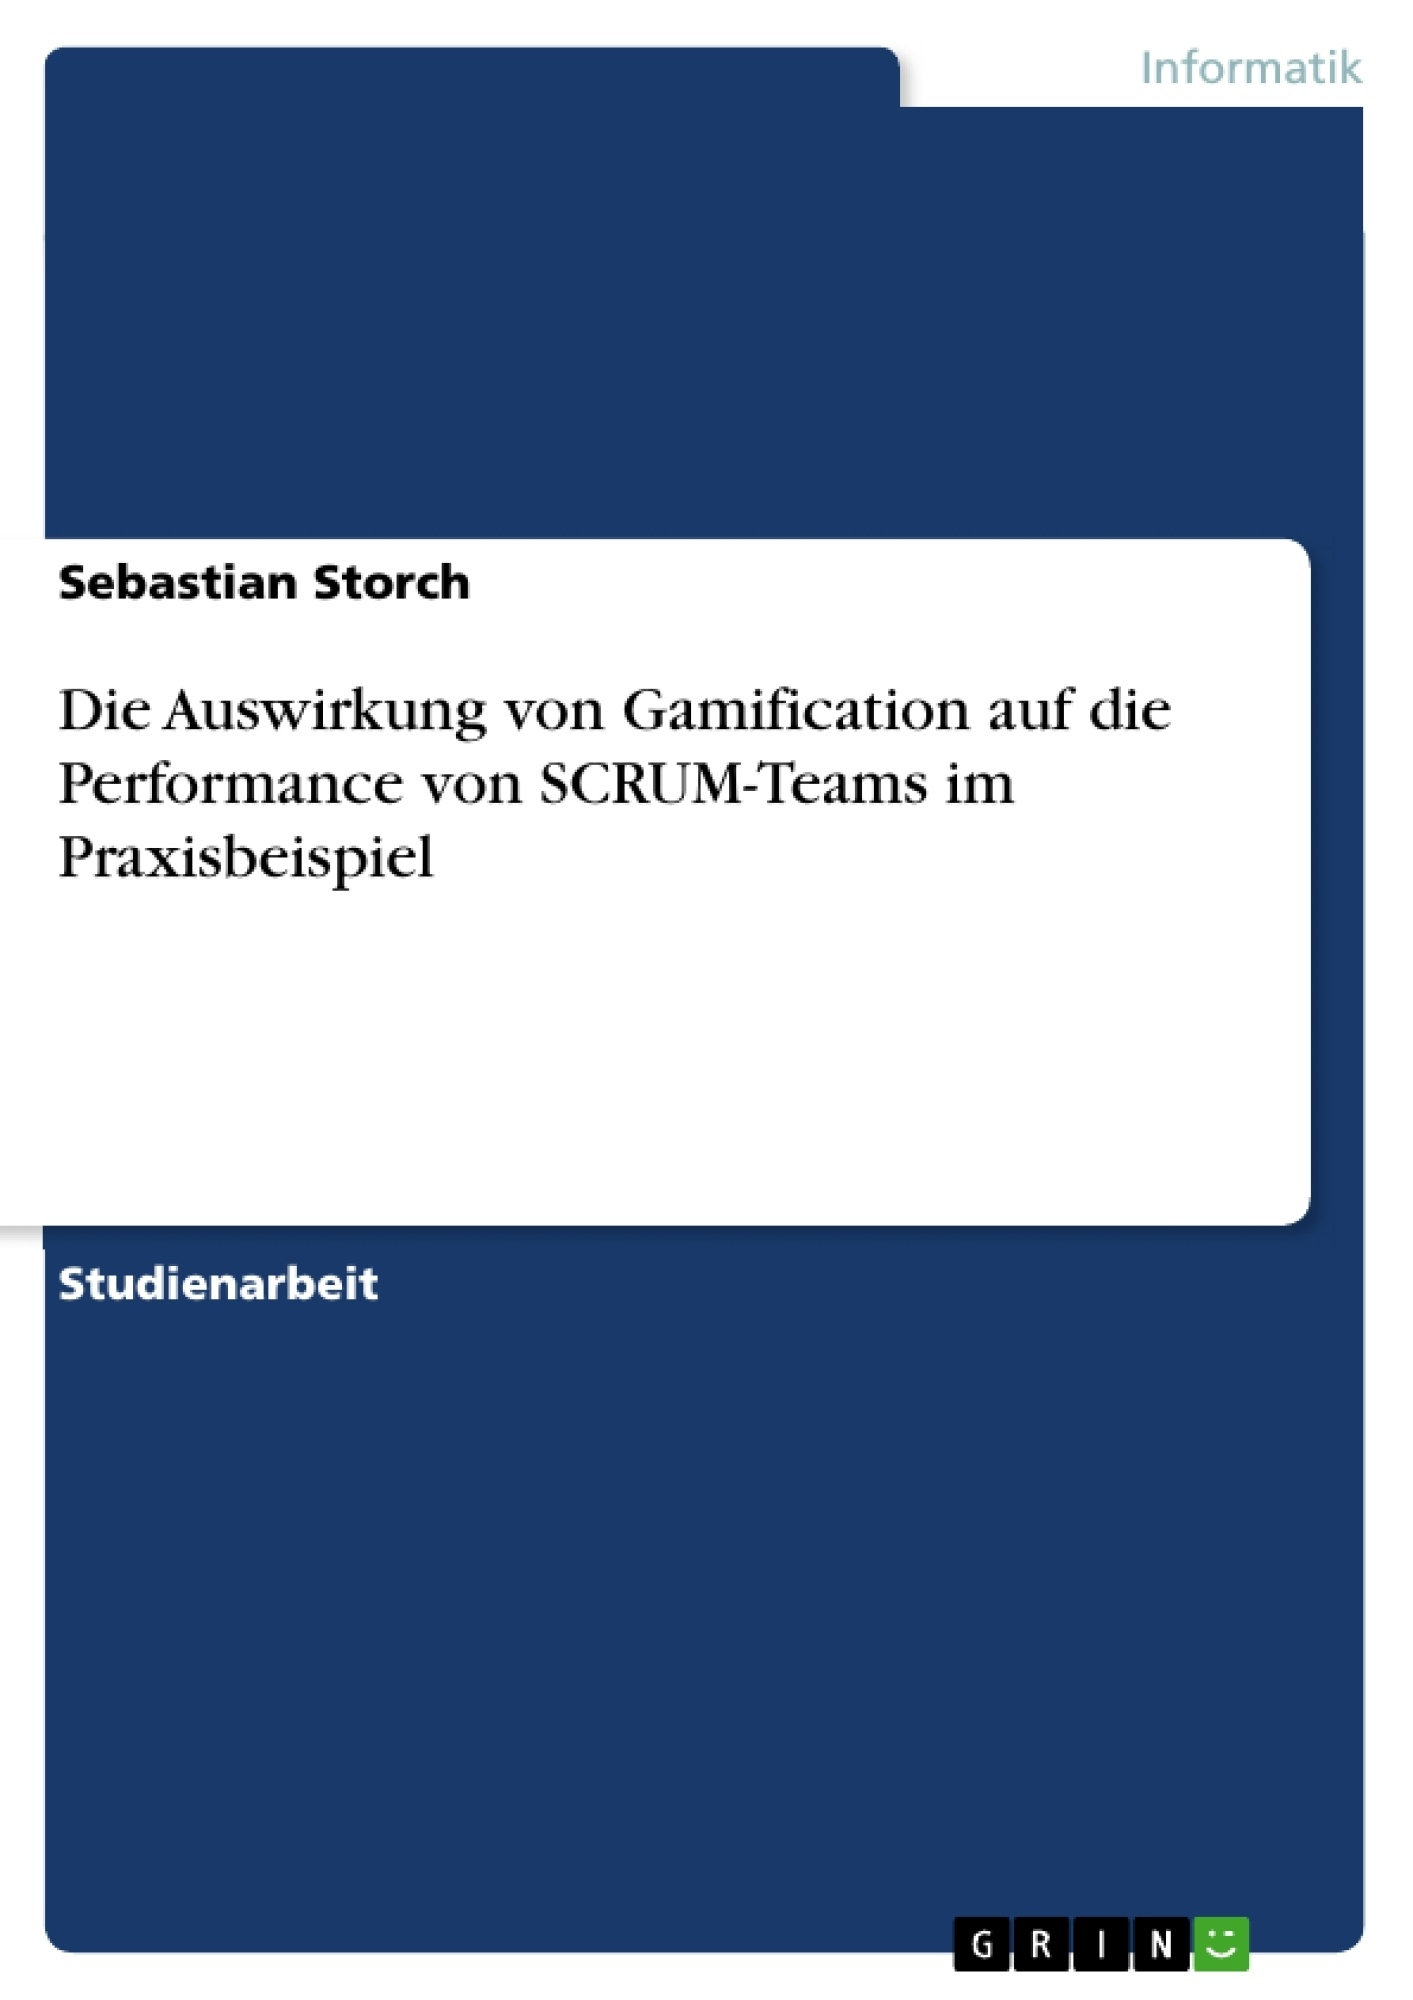 Titel: Die Auswirkung von Gamification auf die Performance von SCRUM-Teams im Praxisbeispiel